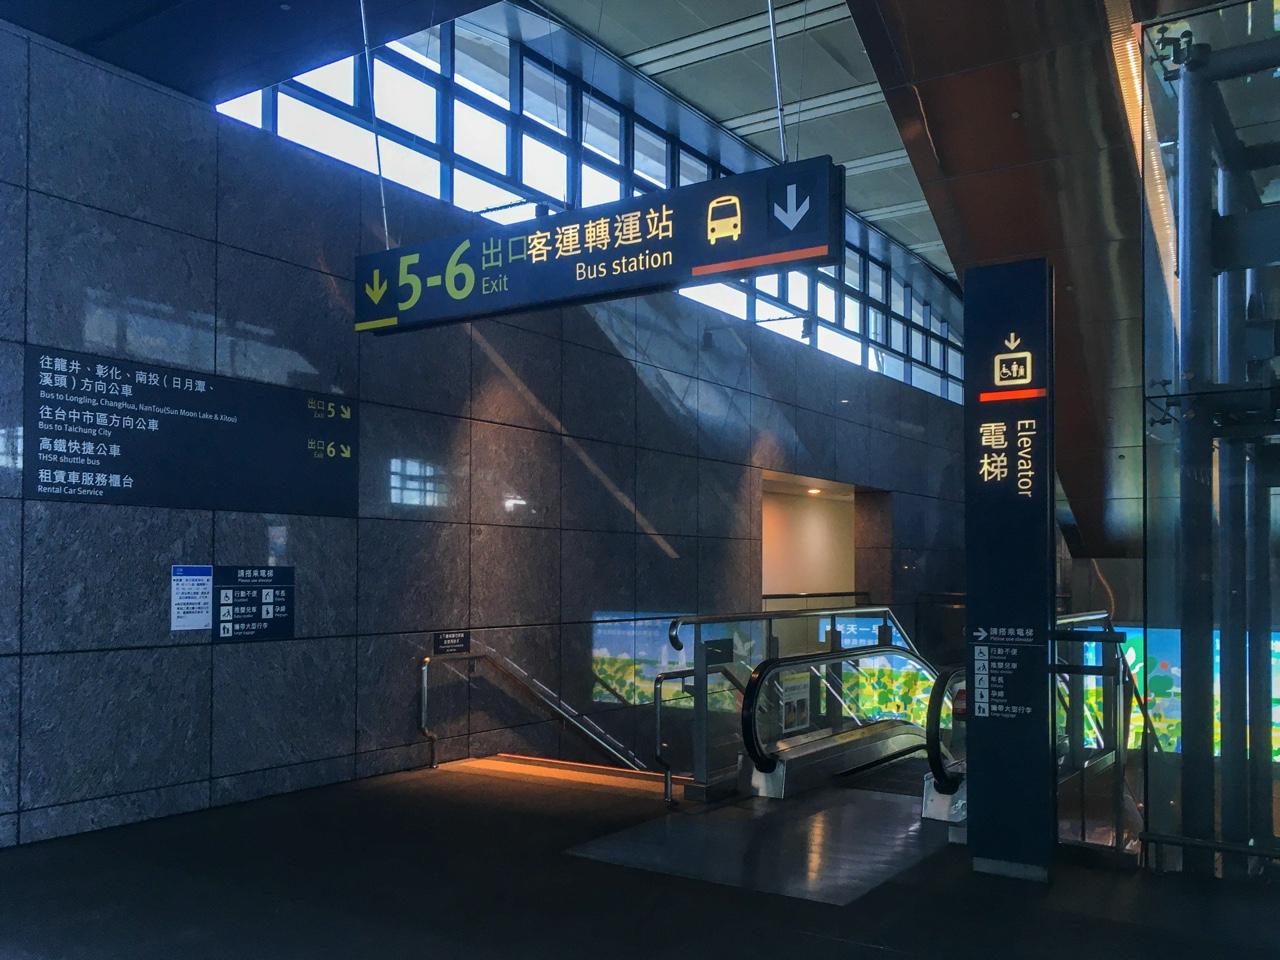 台中新幹線の出口案内